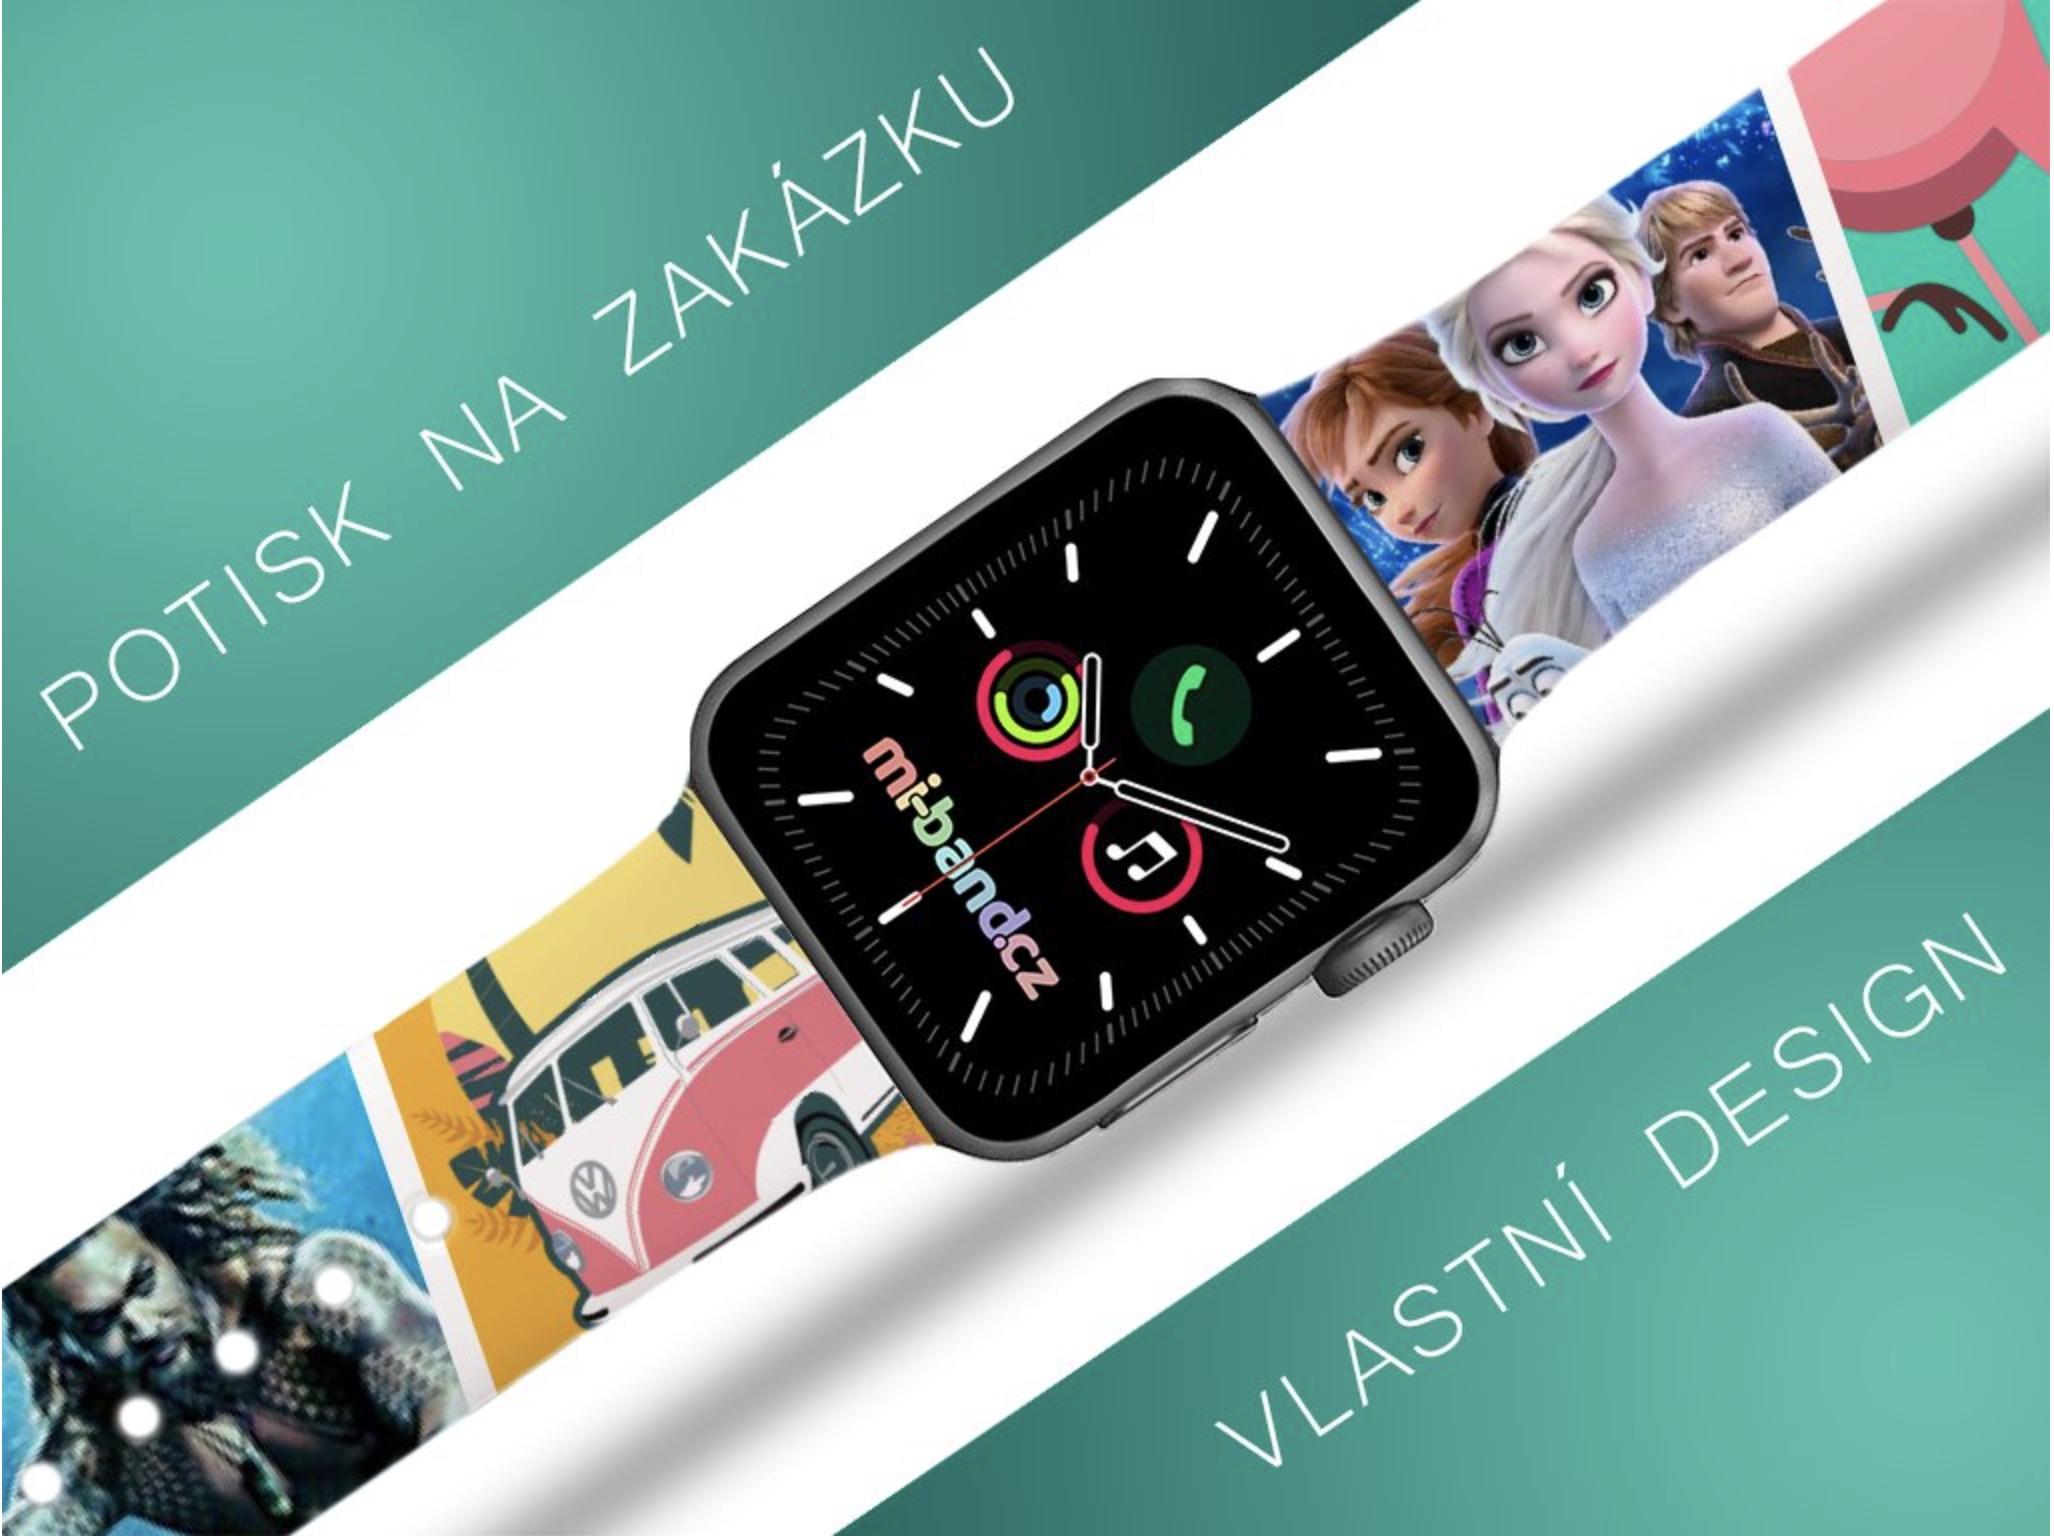 vlastní design Mi-band.cz